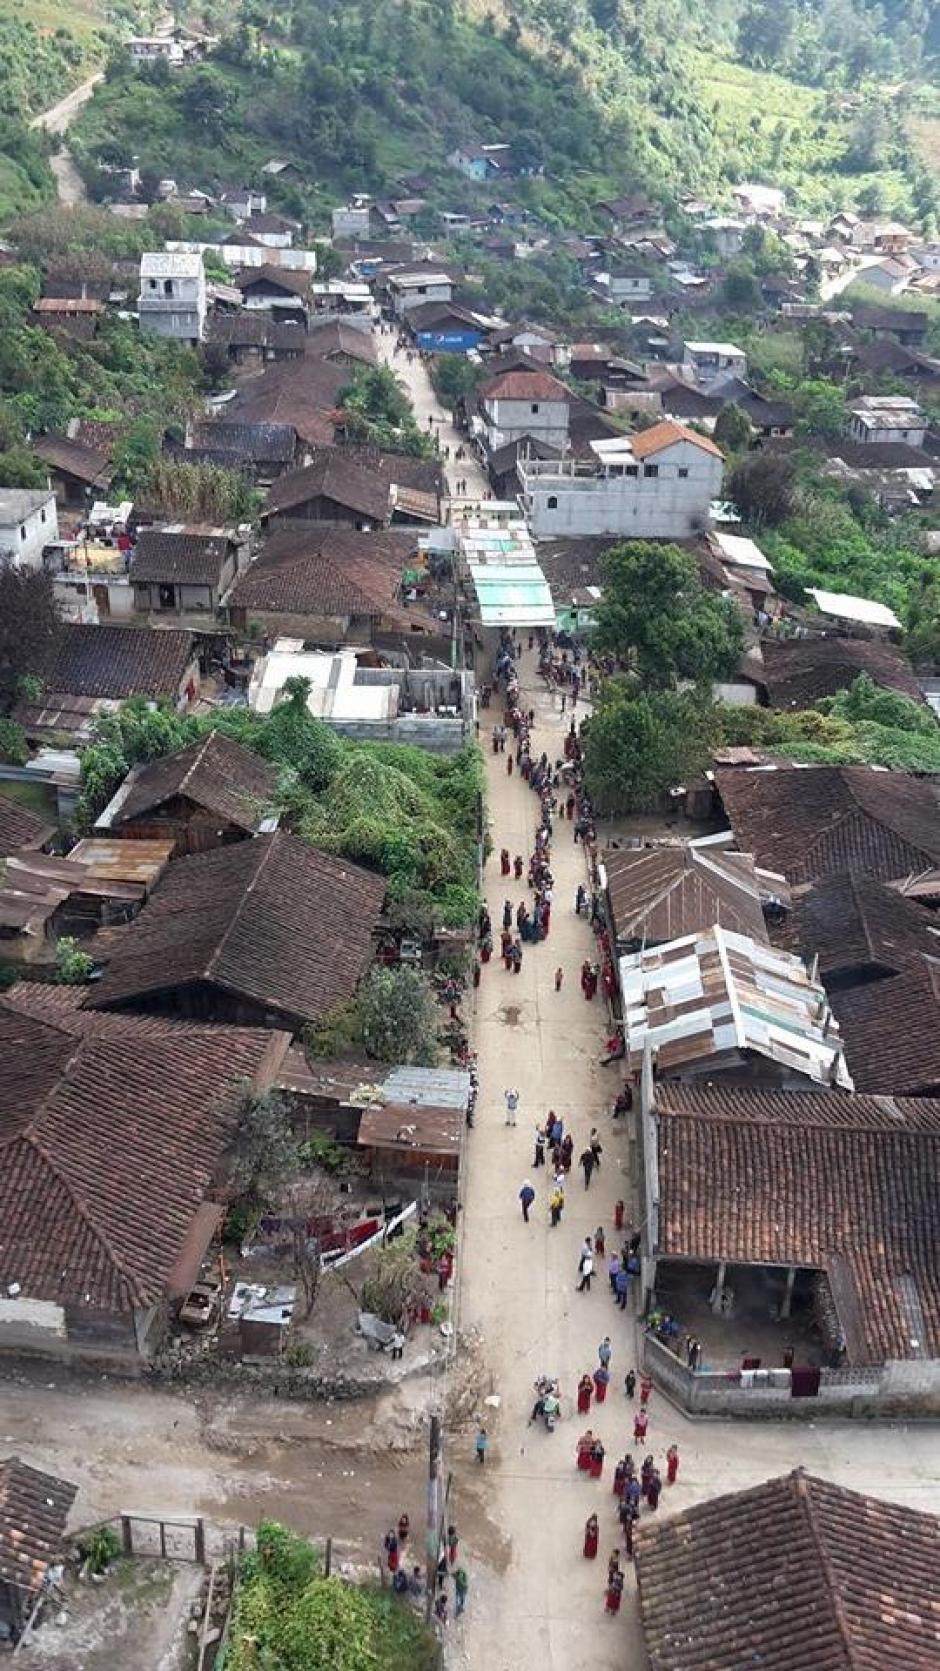 Vista de una de las calles cercanas a un centro electoral en Chajúl, Quiché. (Foto: Nuestro Diario)